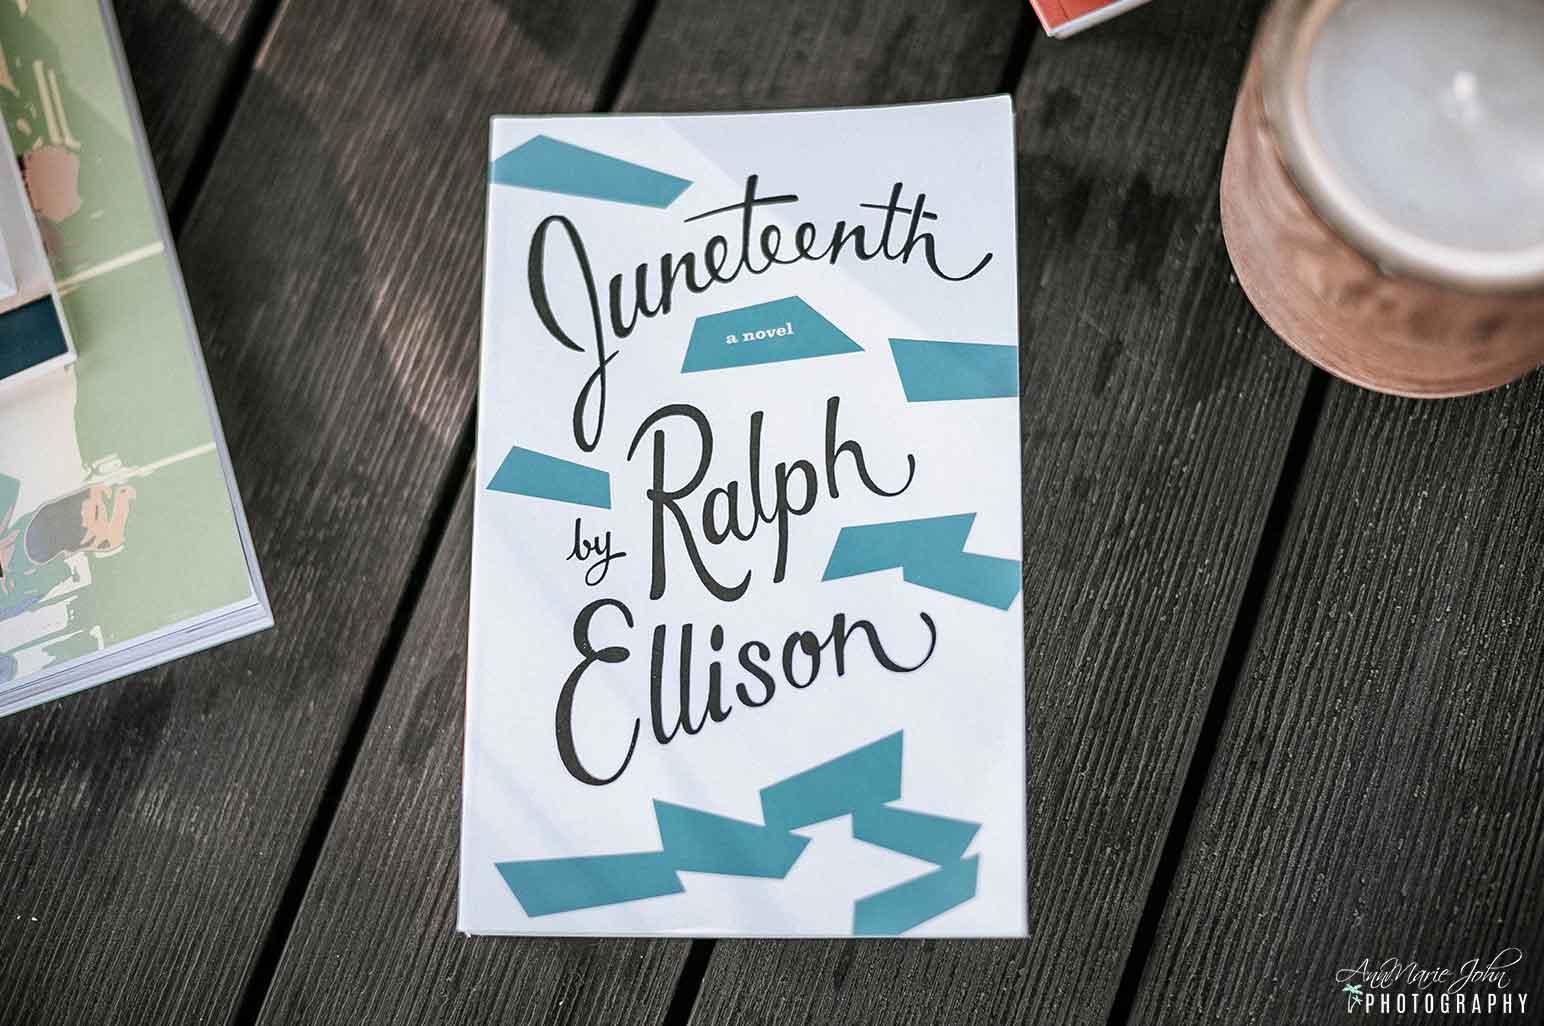 Juneteenth Books - Juneteenth: A Novel